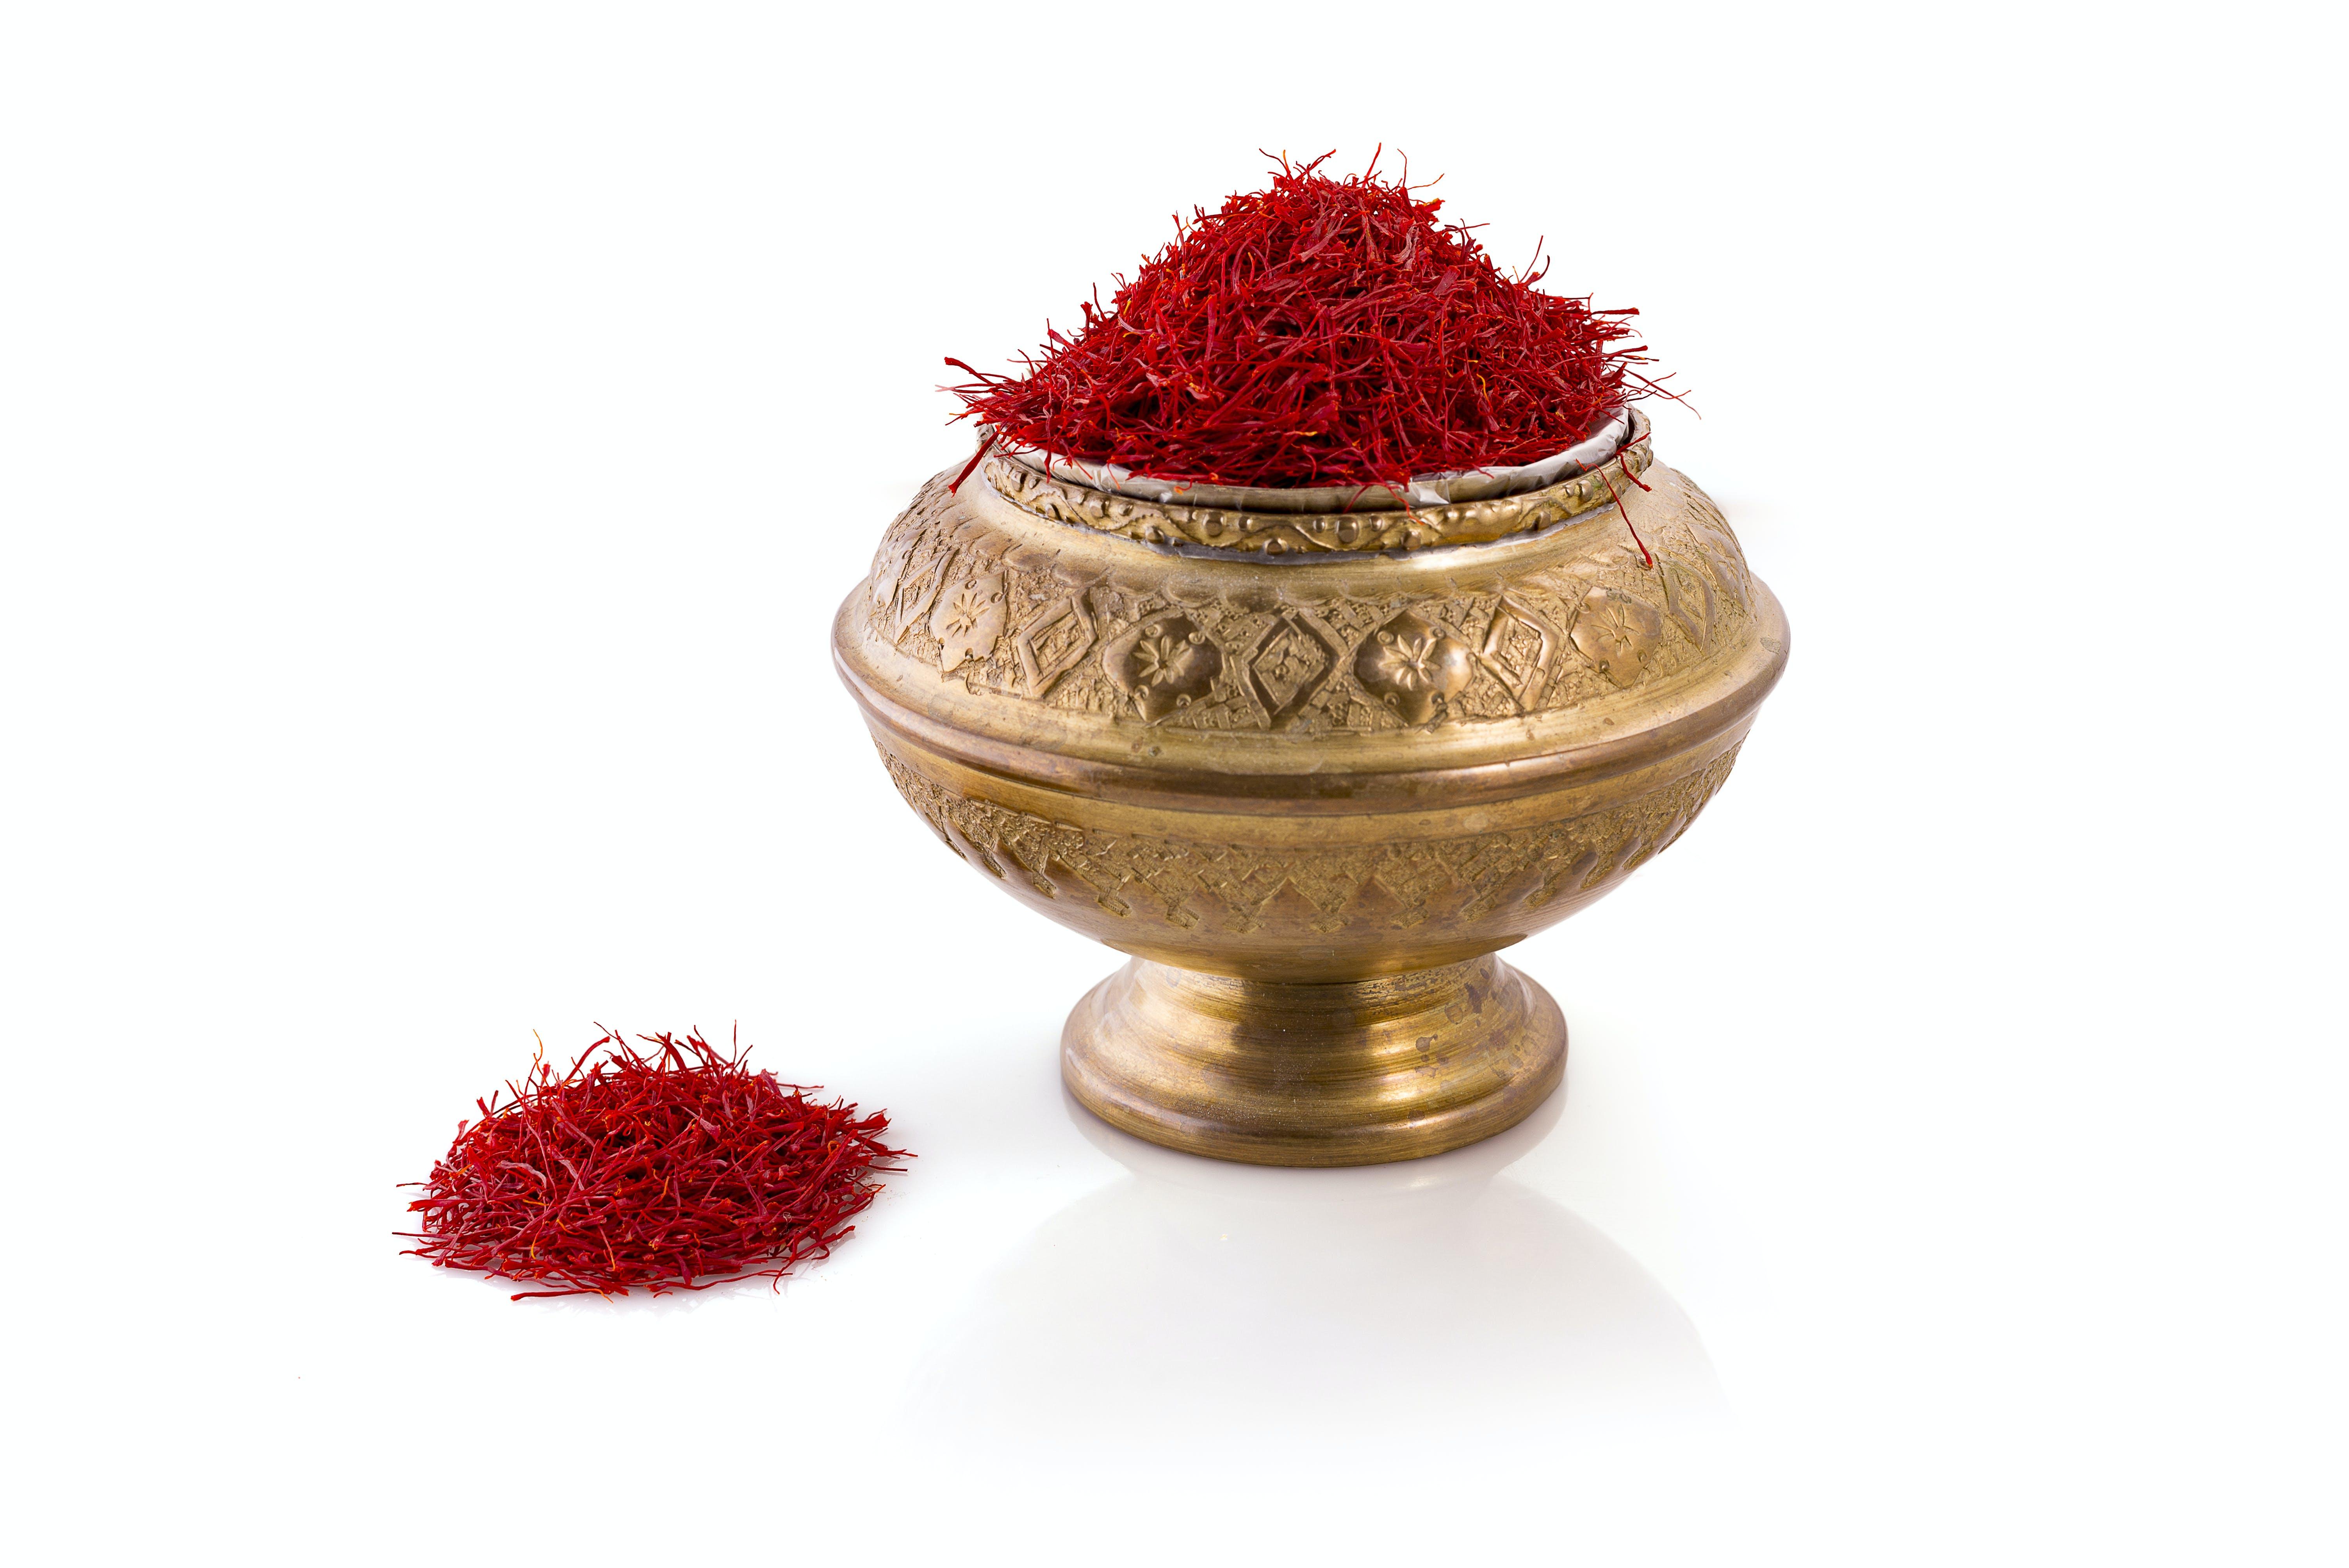 Free stock photo of saffron